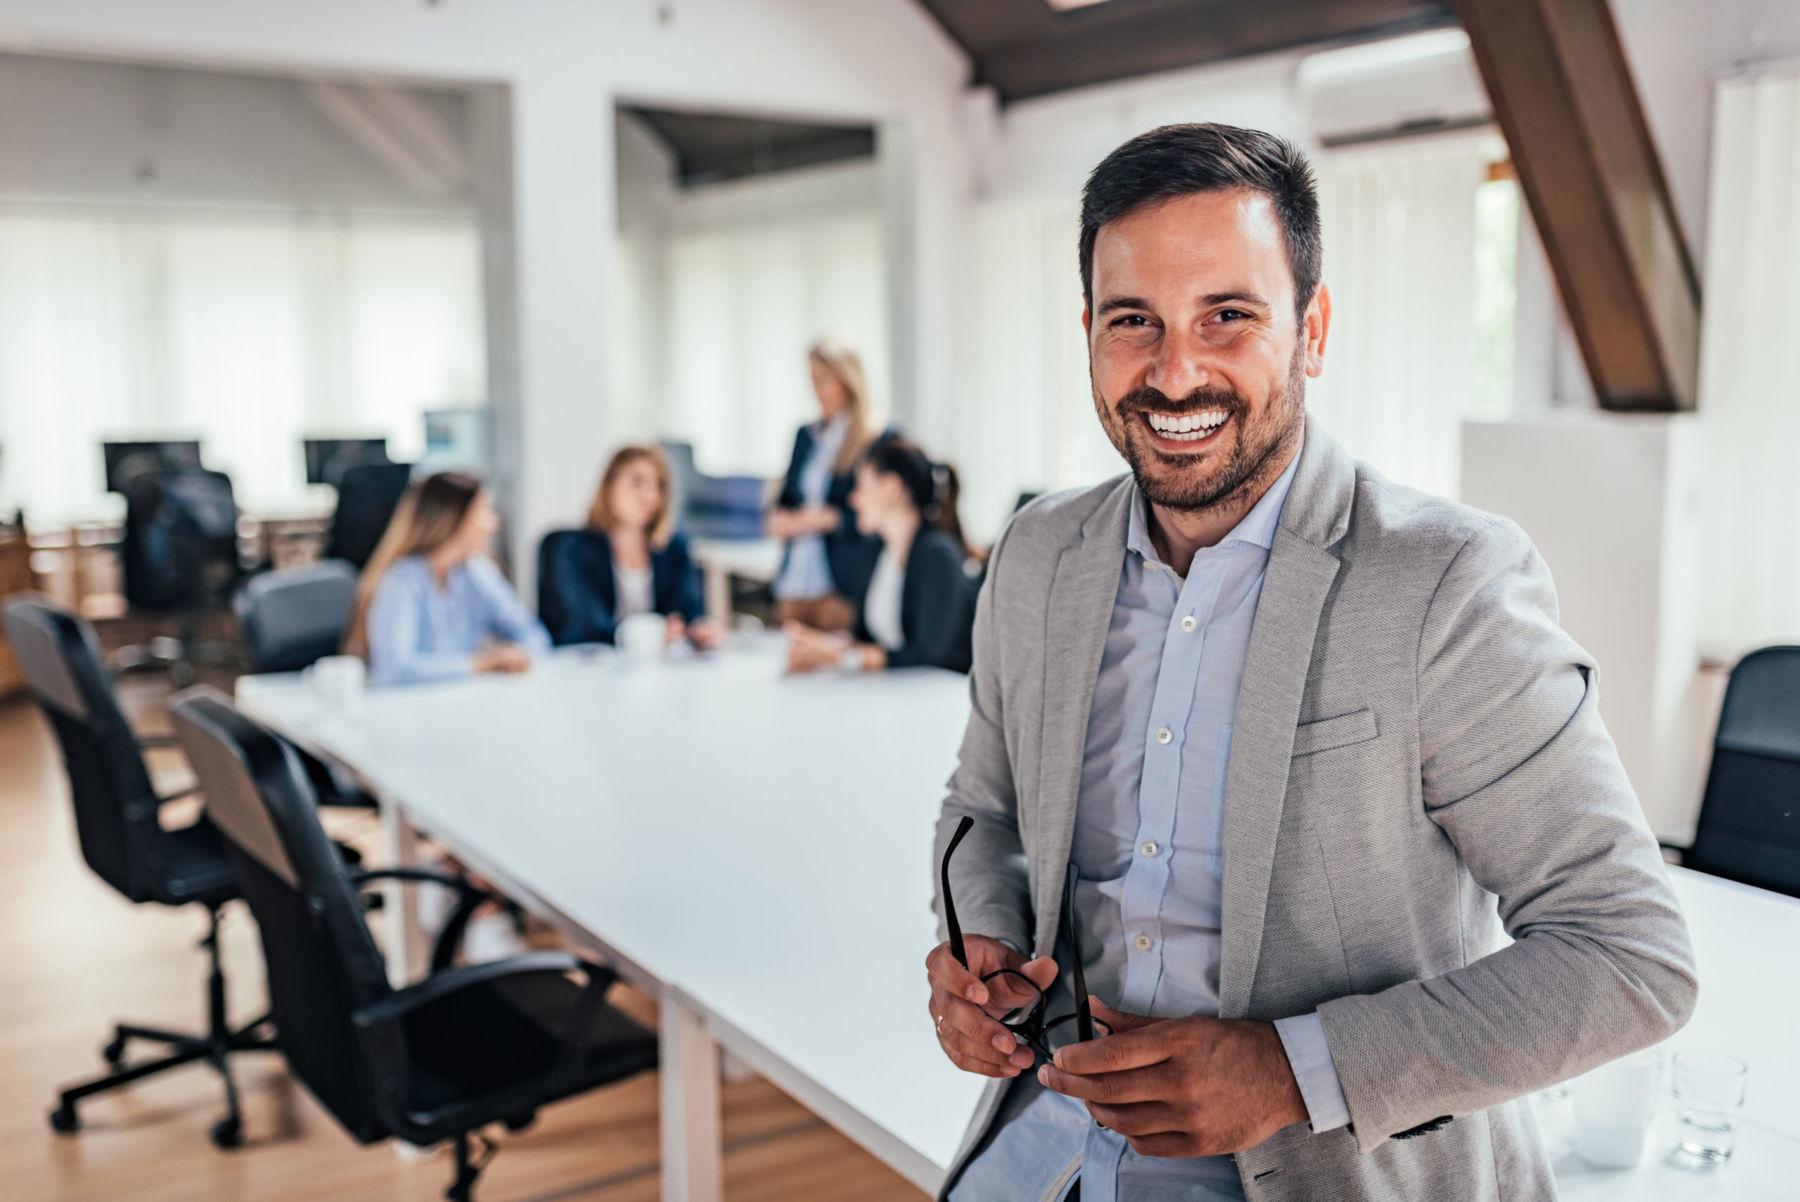 Niederlassungsleiter Personaldienstleistungen gesucht (m/w/d) - Karriere bei der FOURTEENONE Group